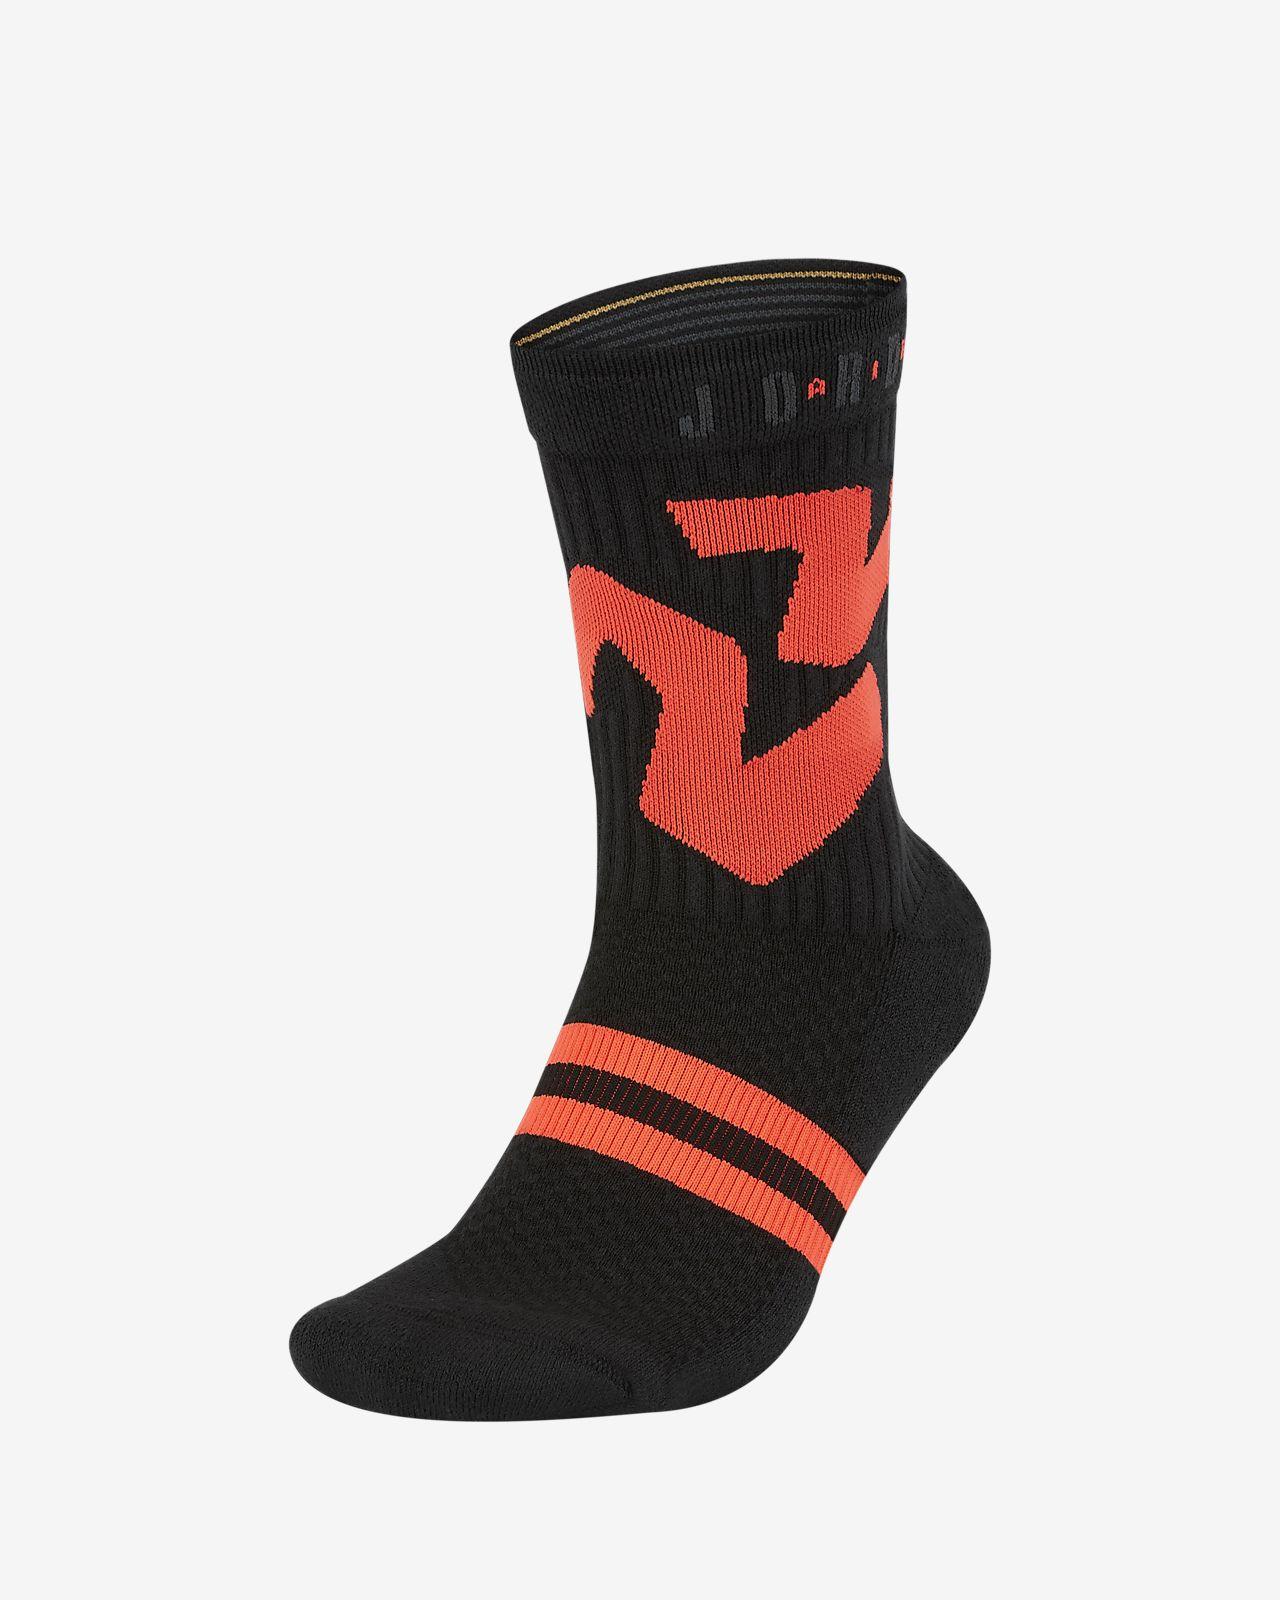 4f3256788014 Jordan Legacy AJ 6 Infrared Crew Socks. Nike.com